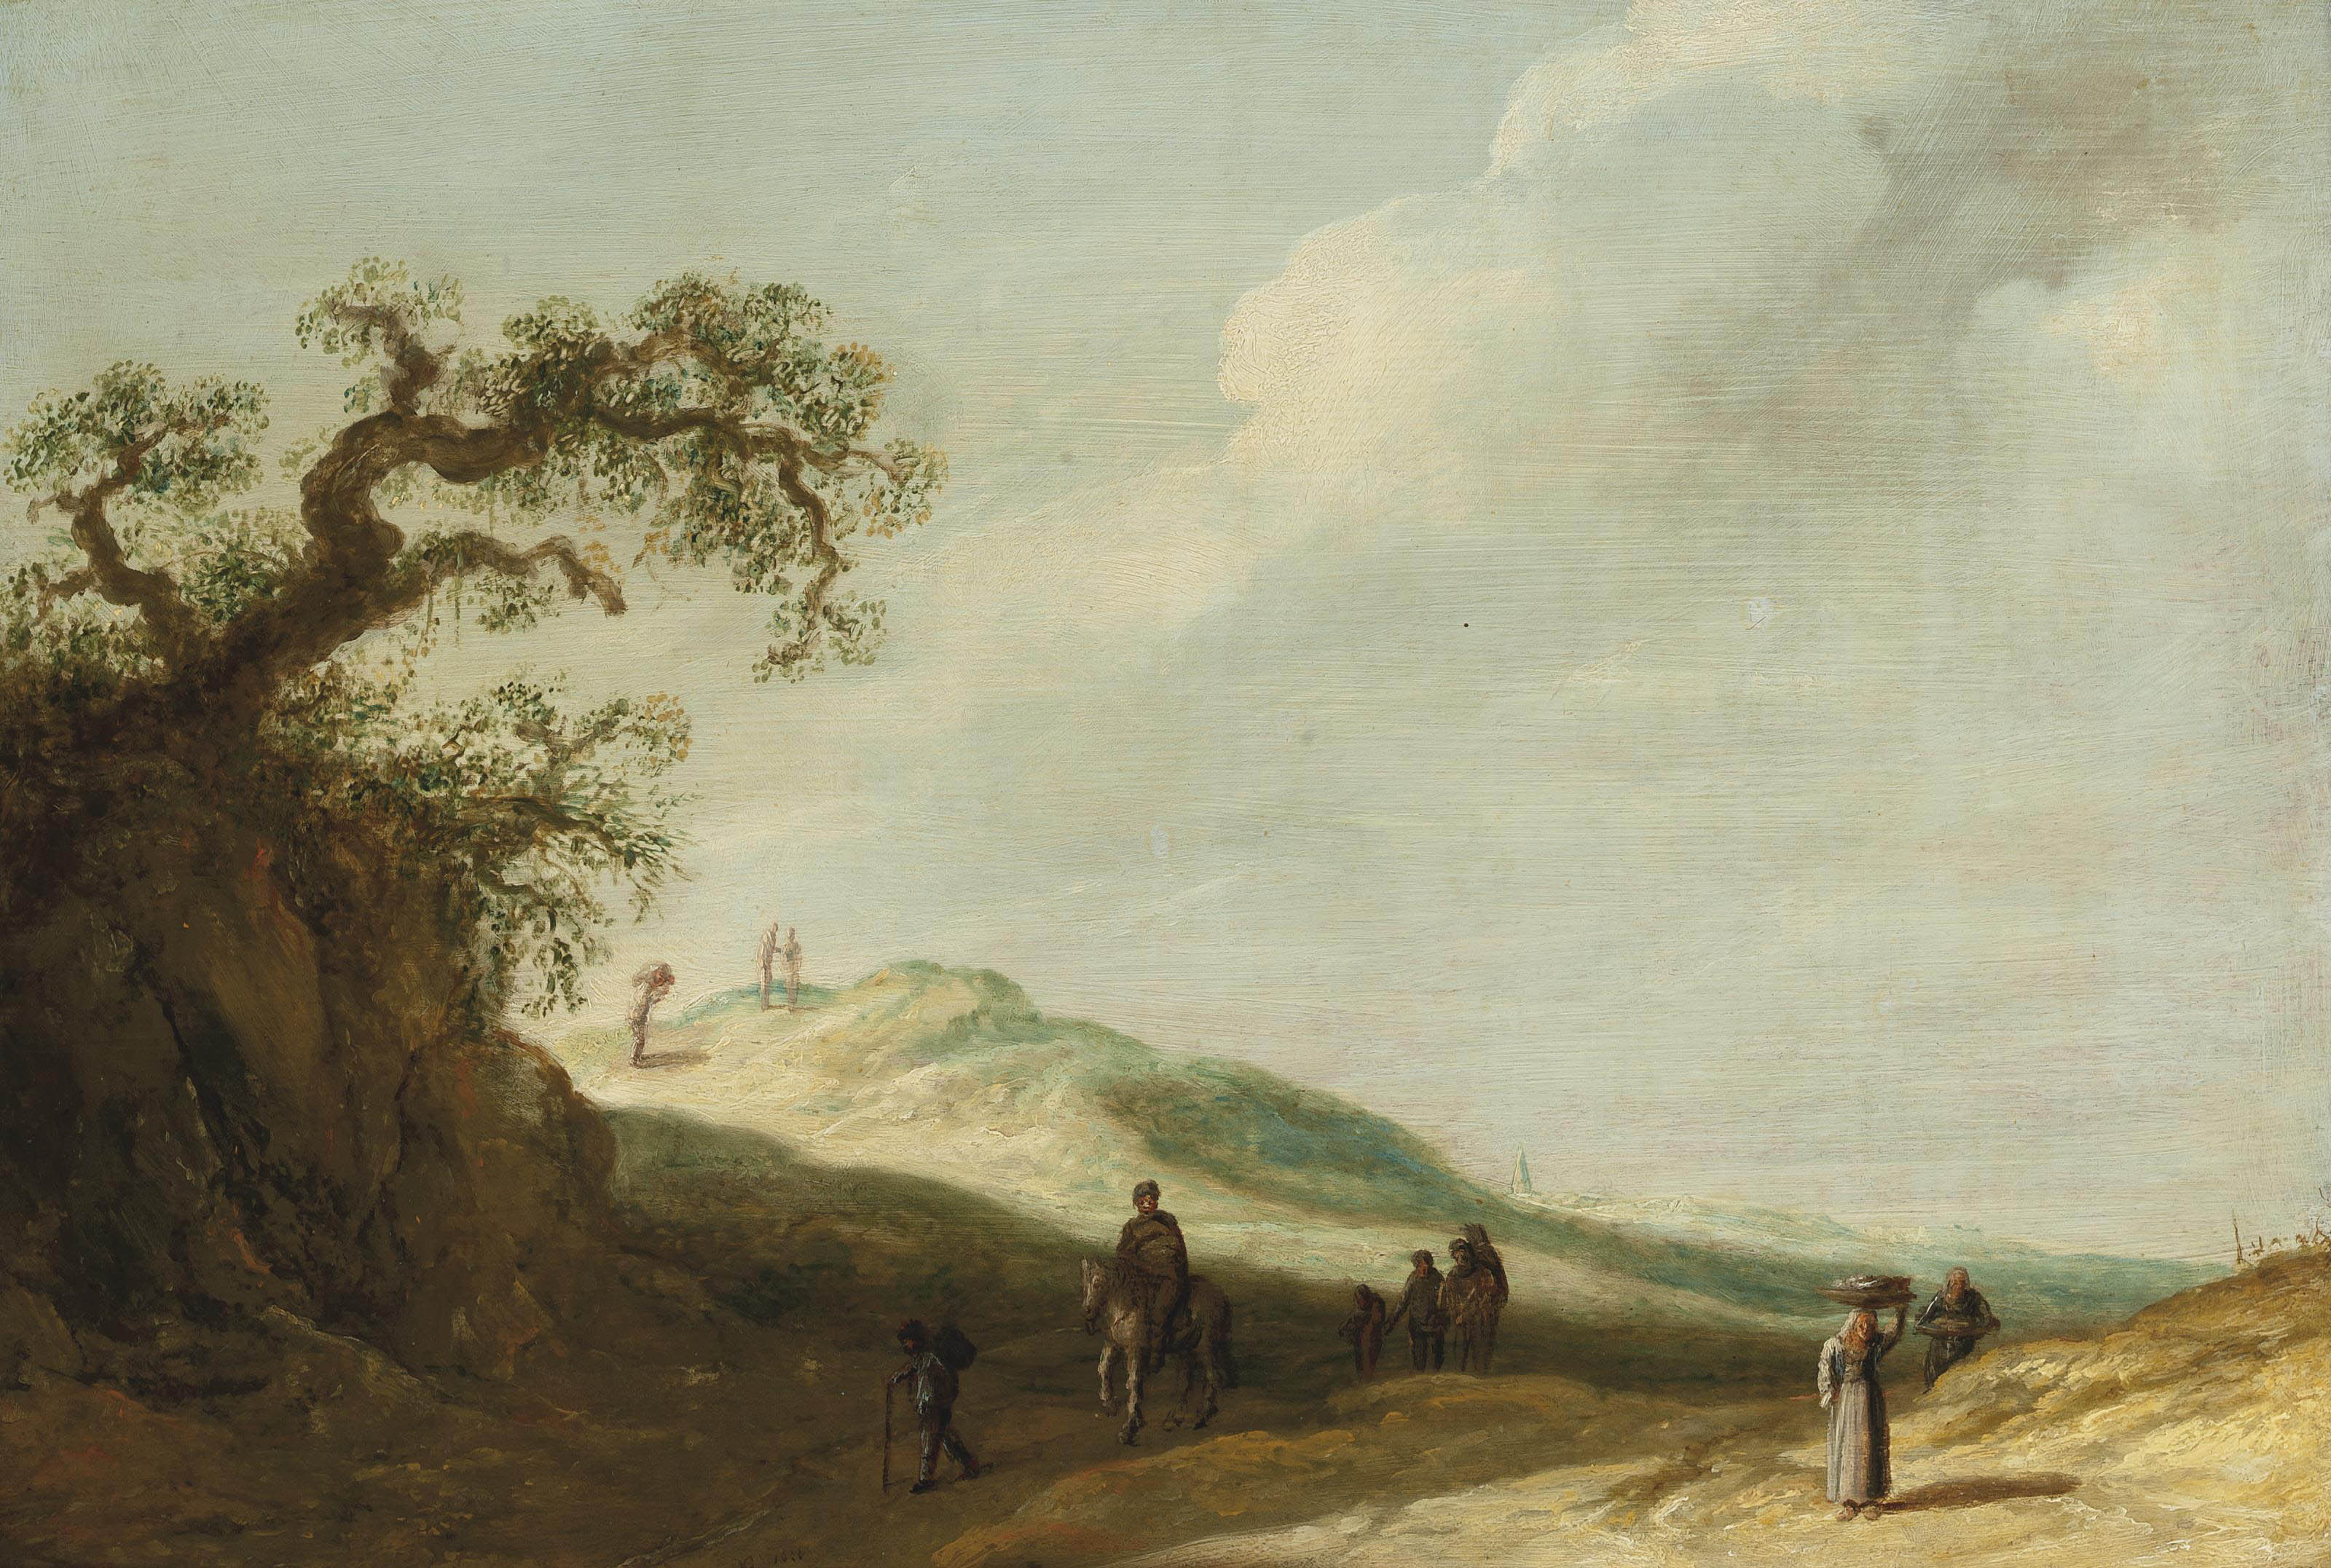 Circle of Jan van Goyen (Leide